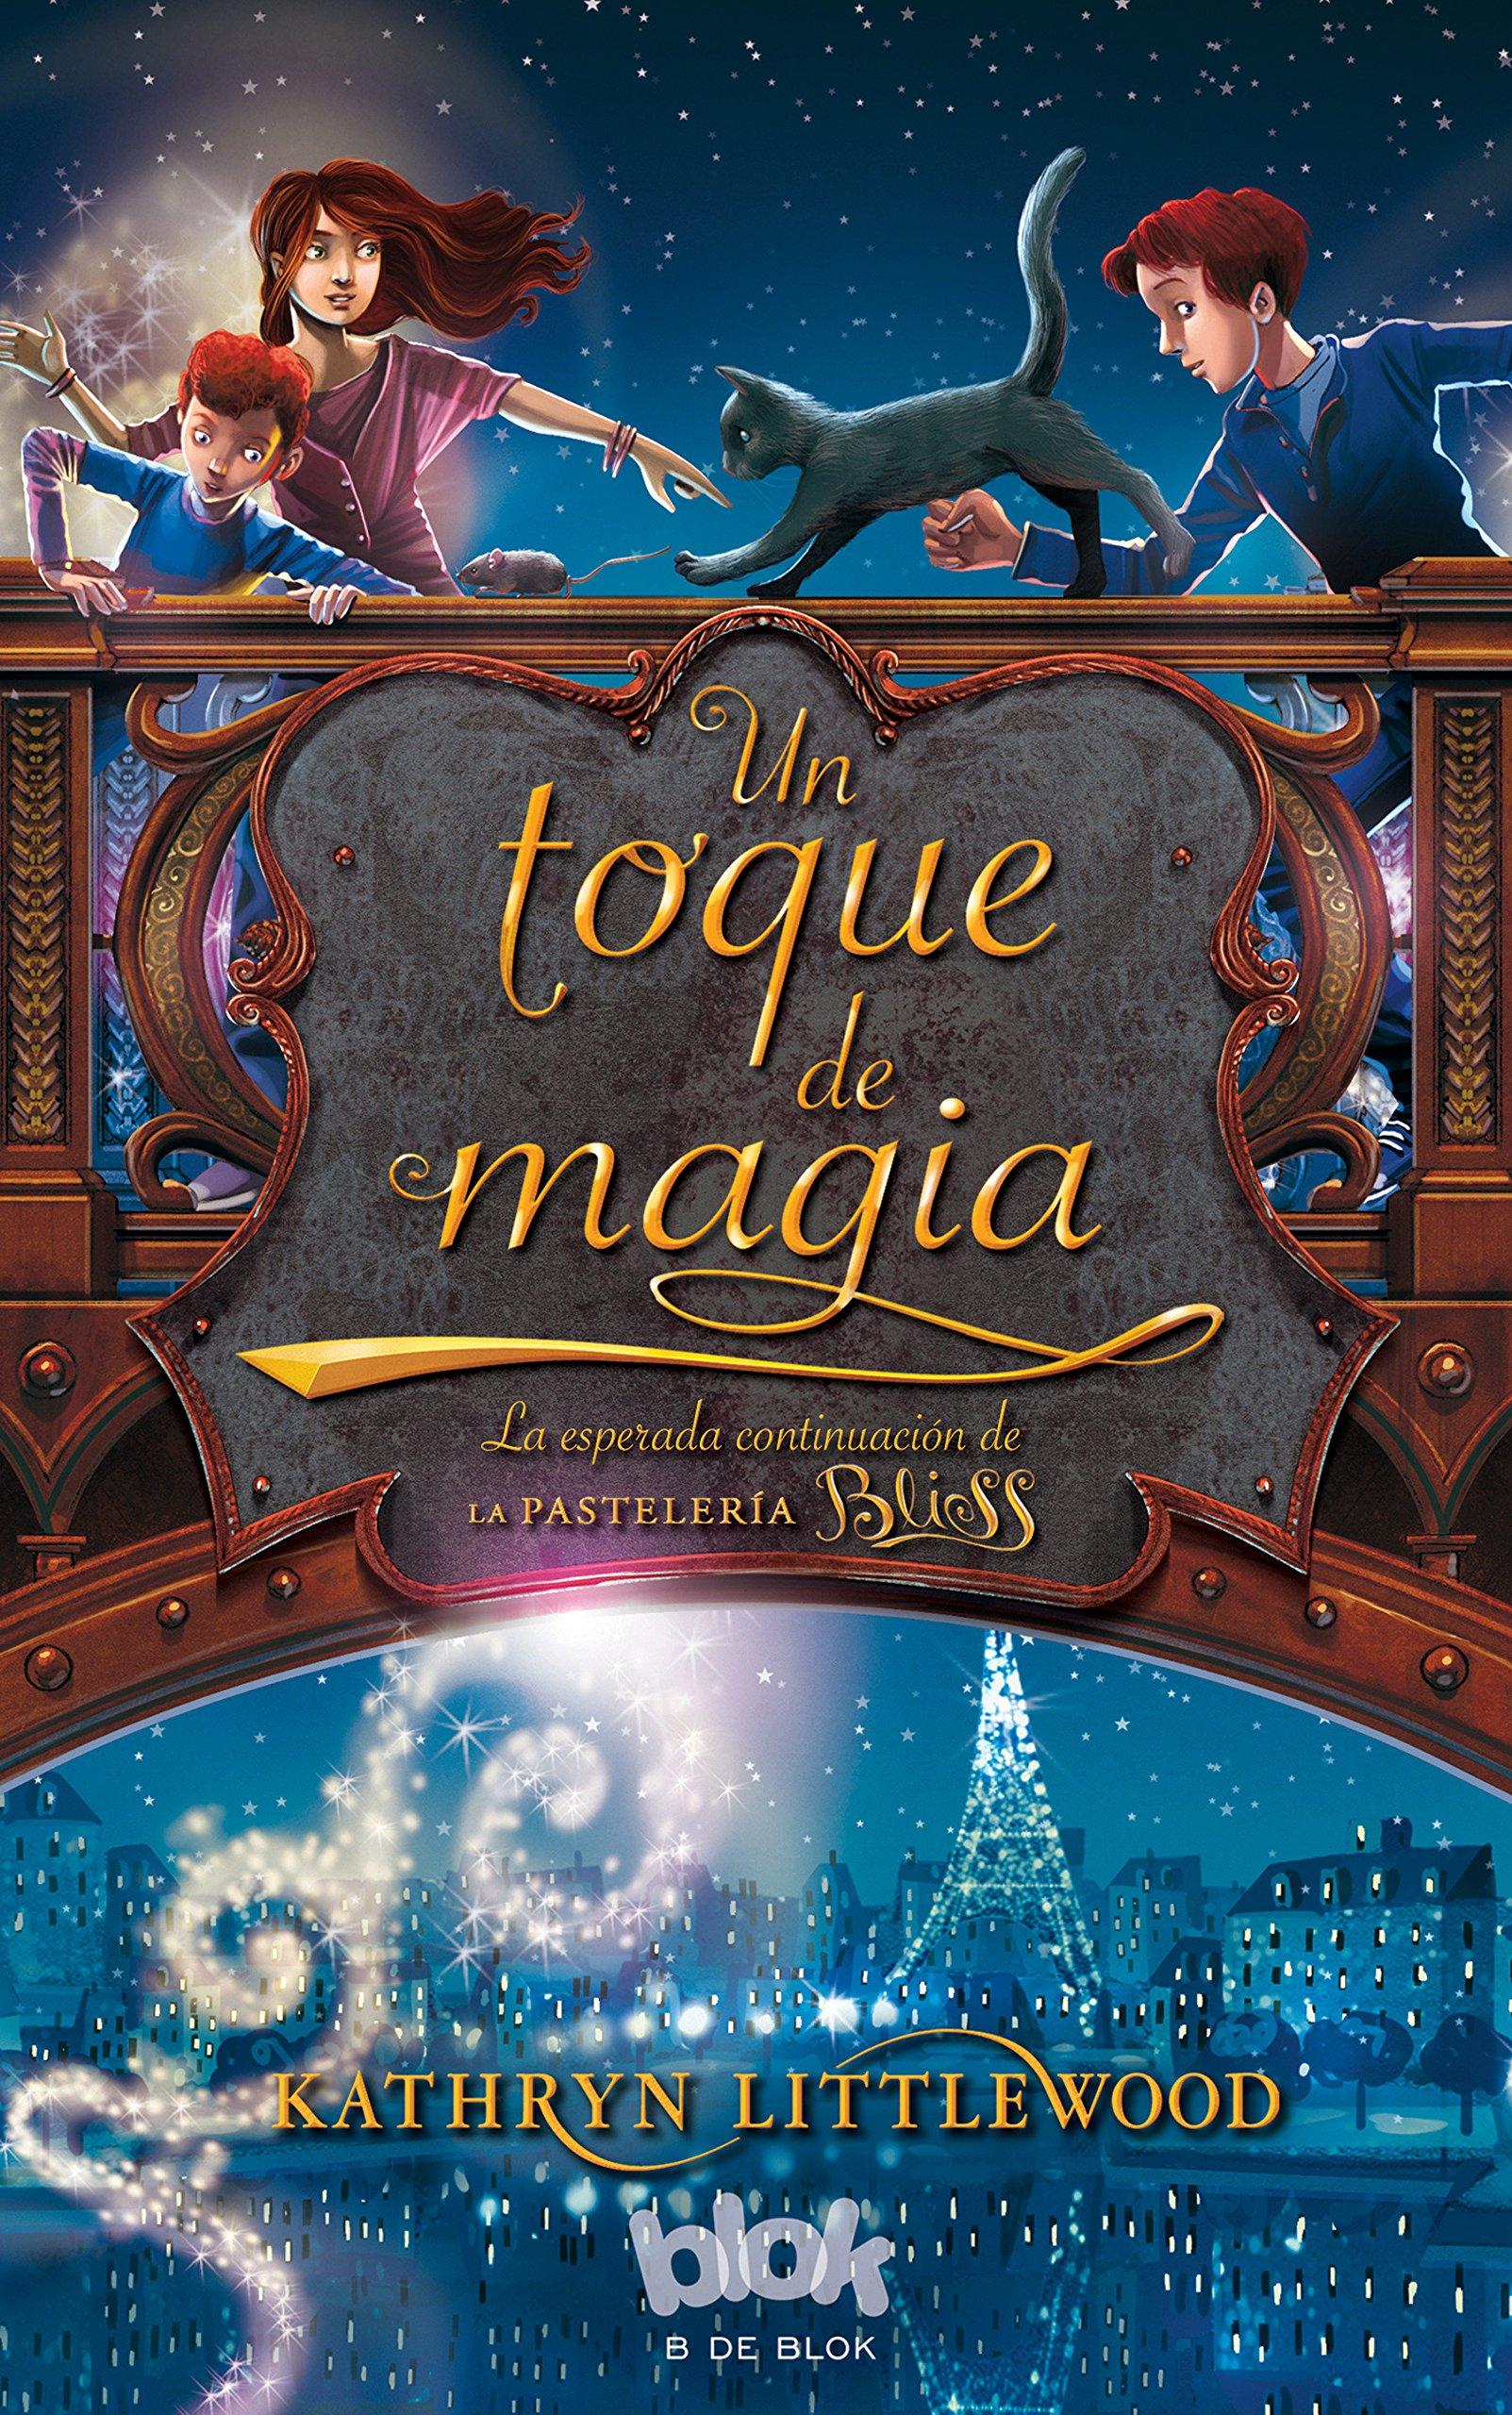 Un toque de magia / A Dash of Magic (La Pasteleria Bliss) (Spanish Edition) (Spanish) Paperback – May 30, 2013